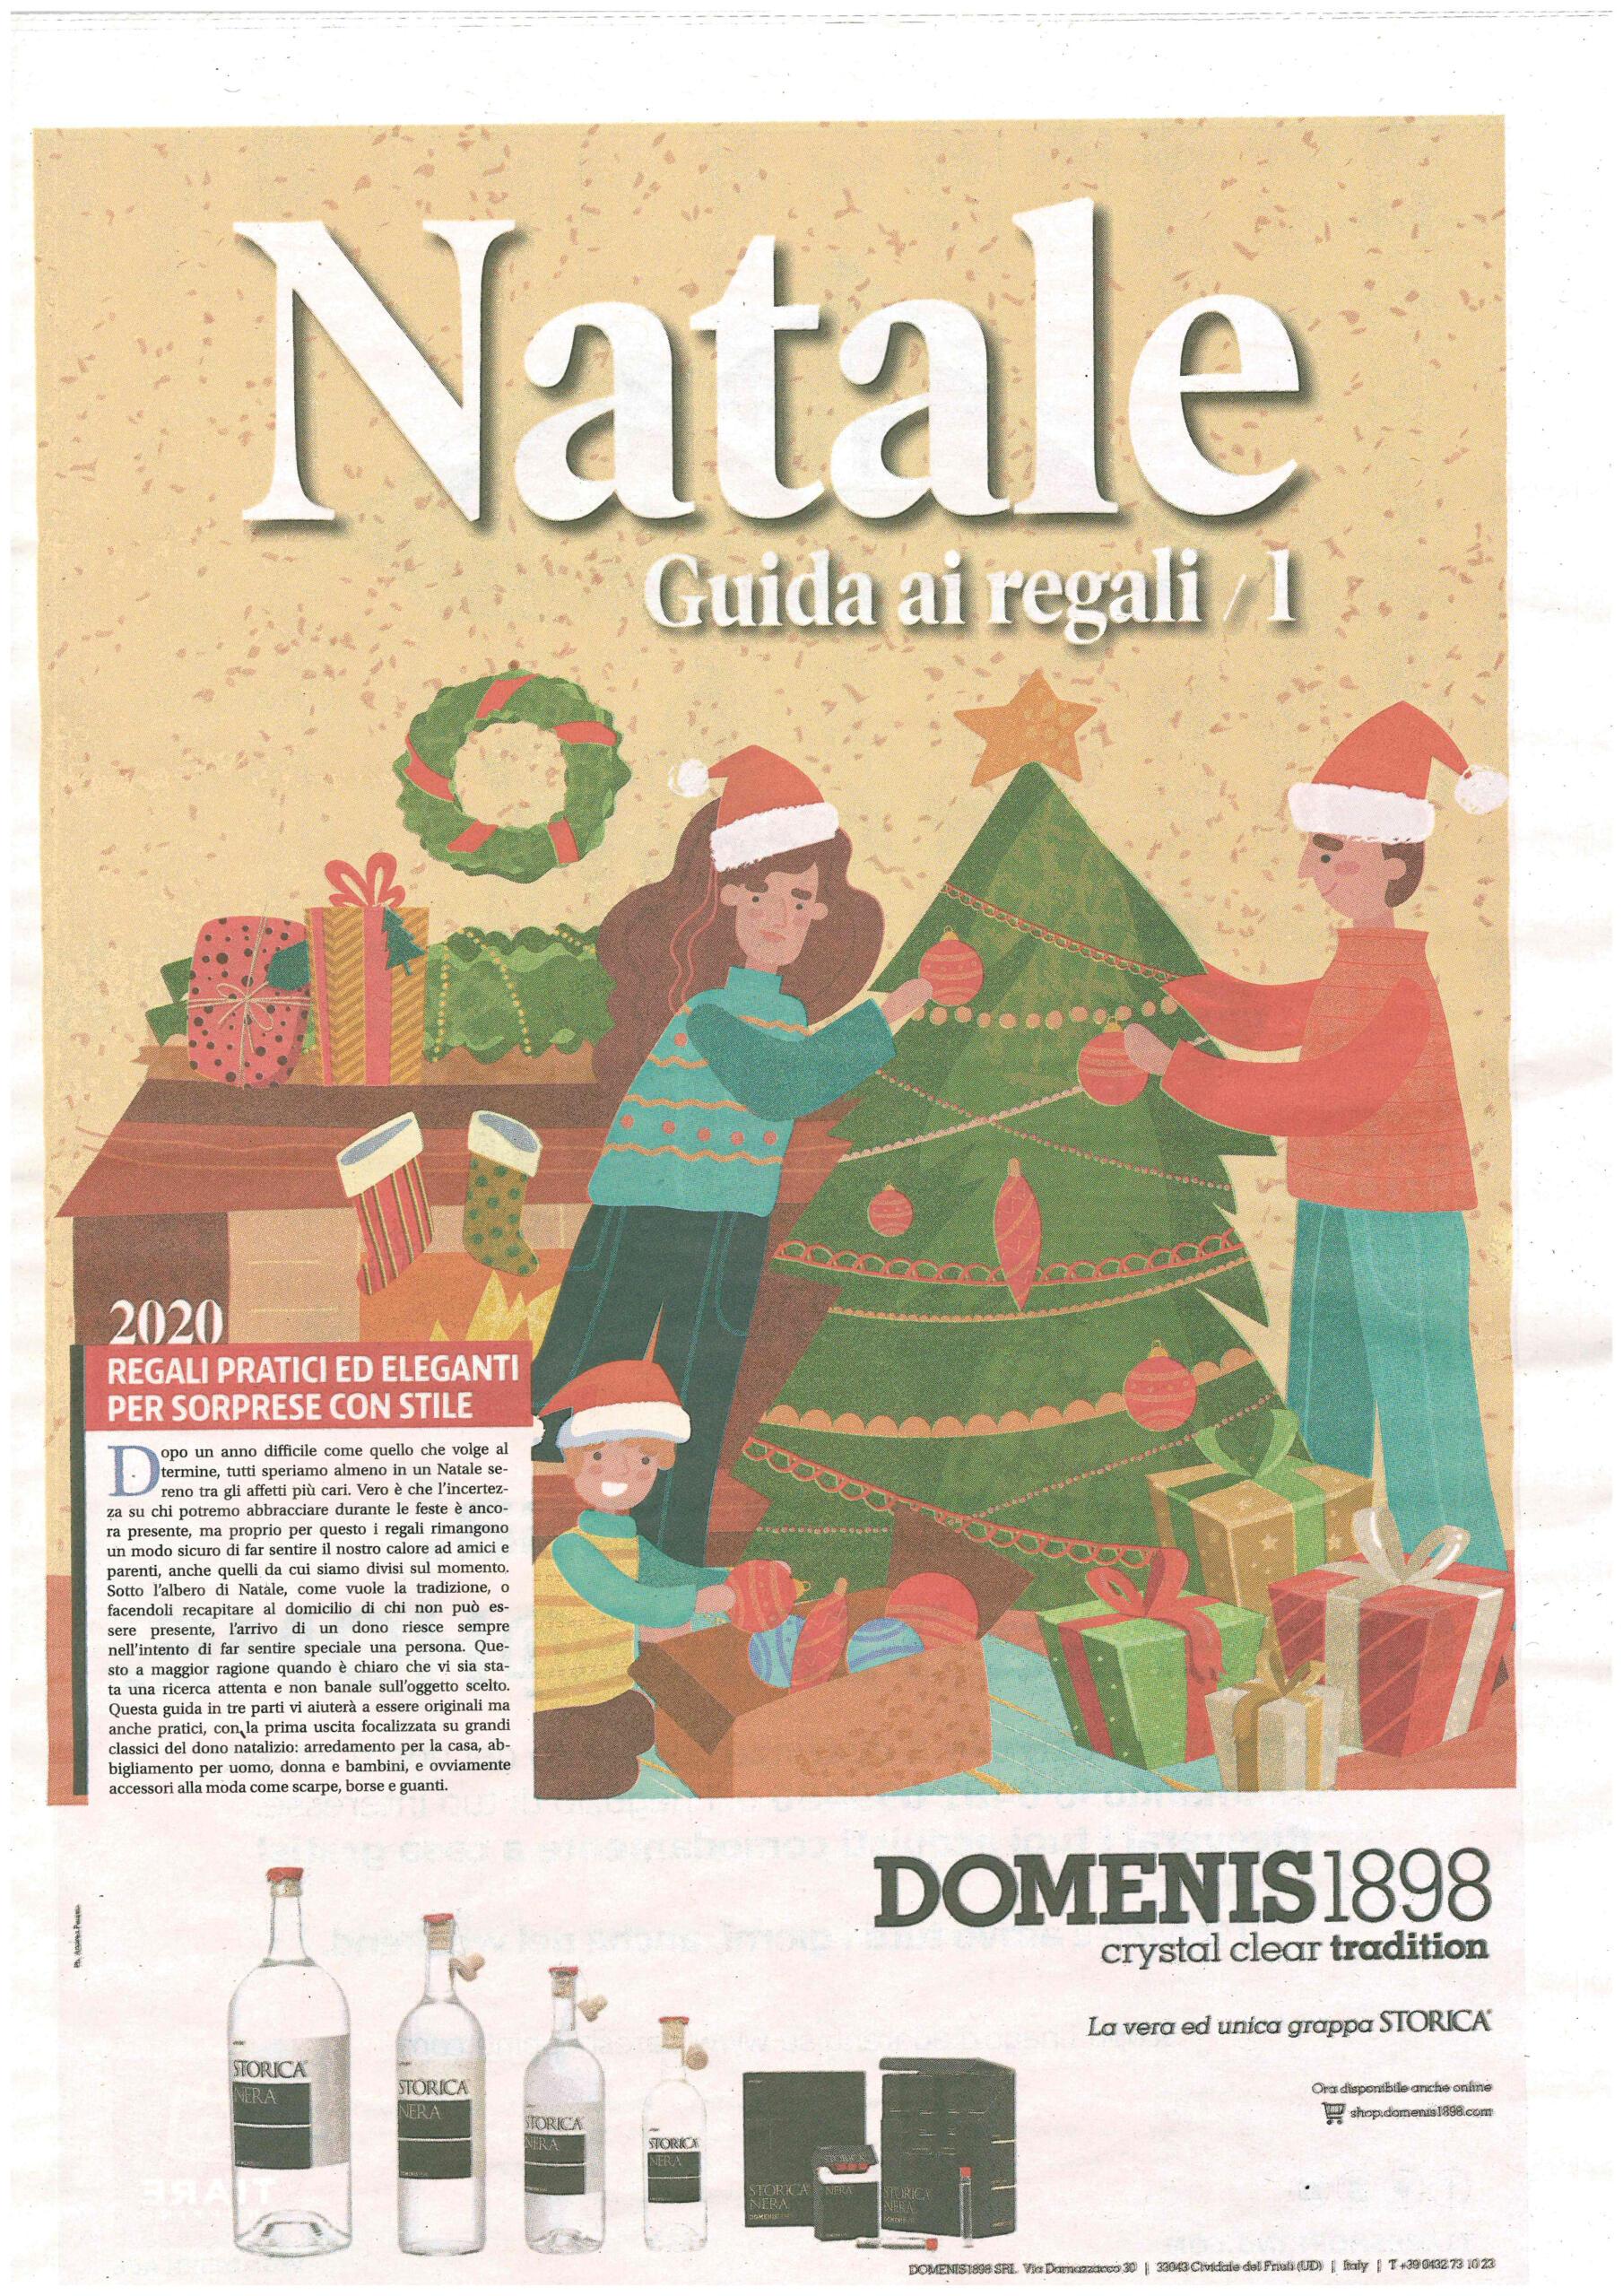 2020 dicembre 03: Messaggero Veneto – Natale, Guida ai regali 1